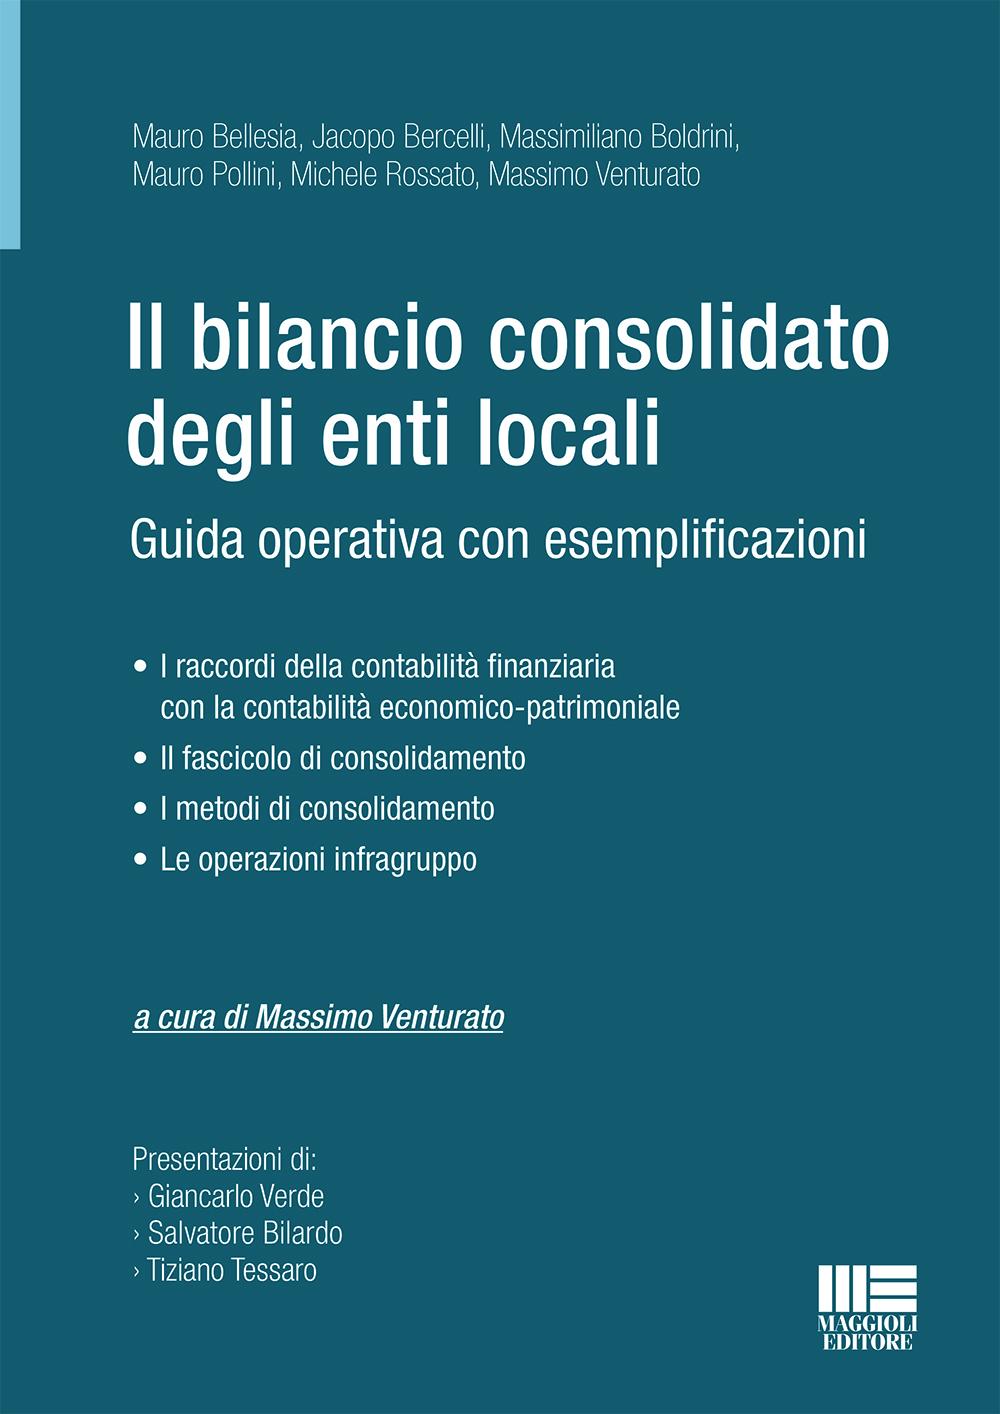 Il bilancio consolidato degli enti locali